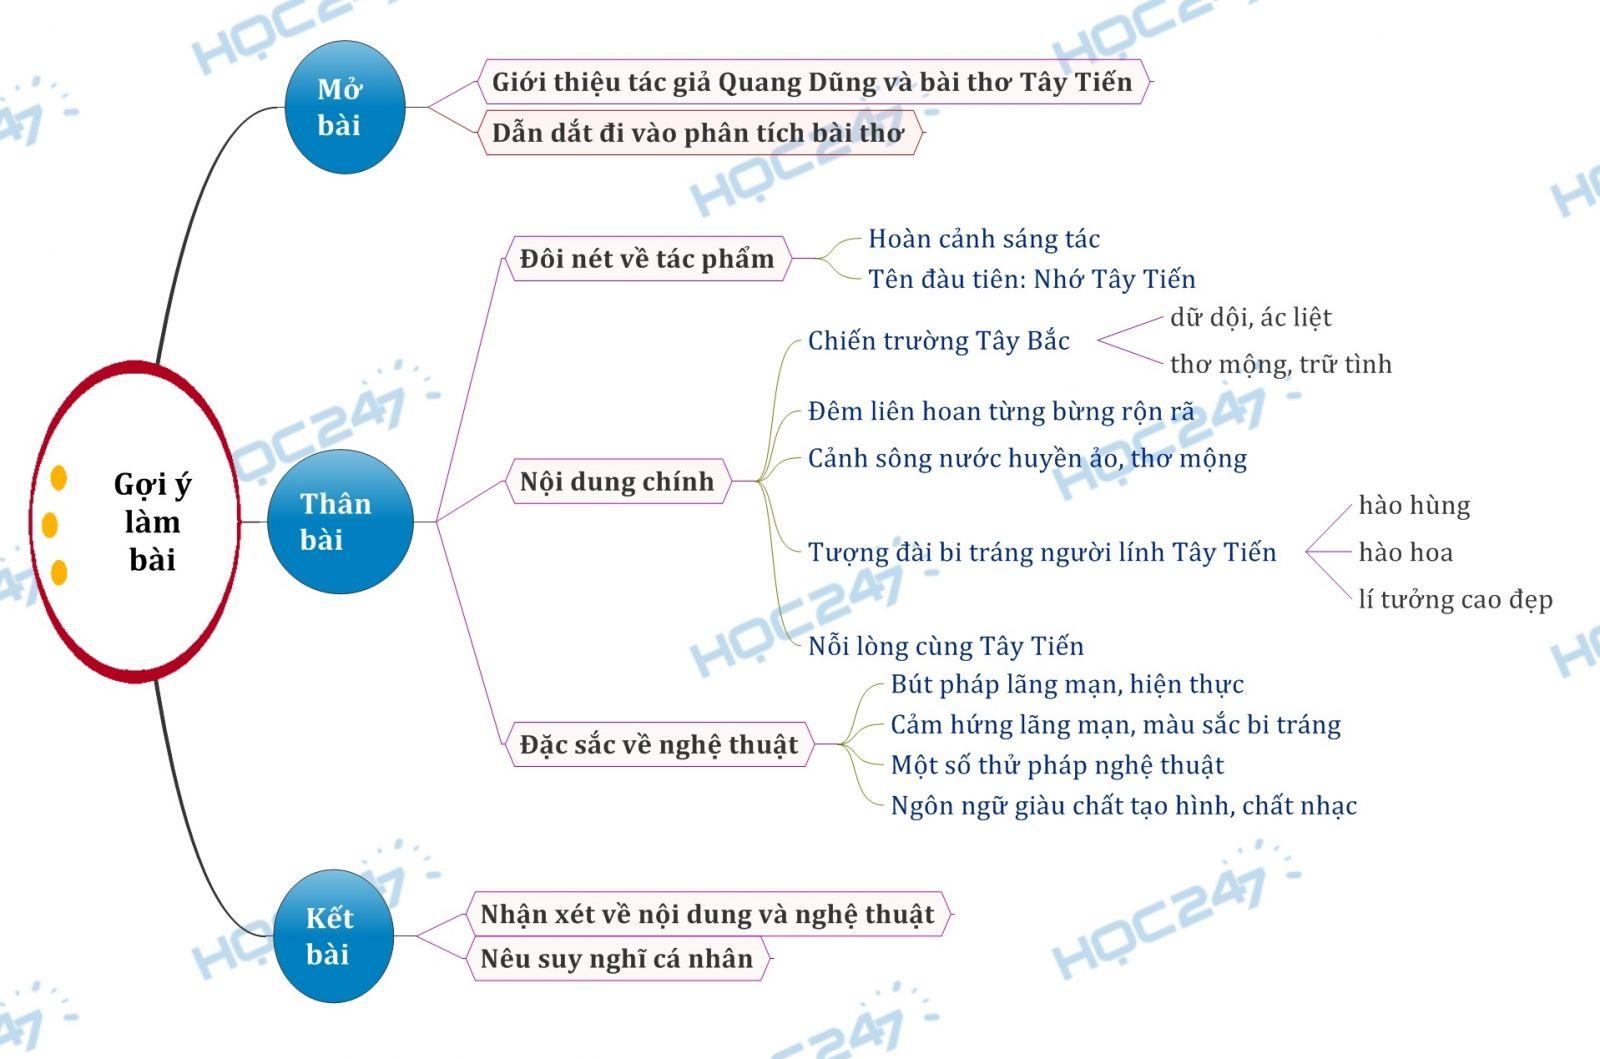 Sơ đồ tư duy - Phân tích bài thơ Tây Tiến của nhà thơ Quang Dũng